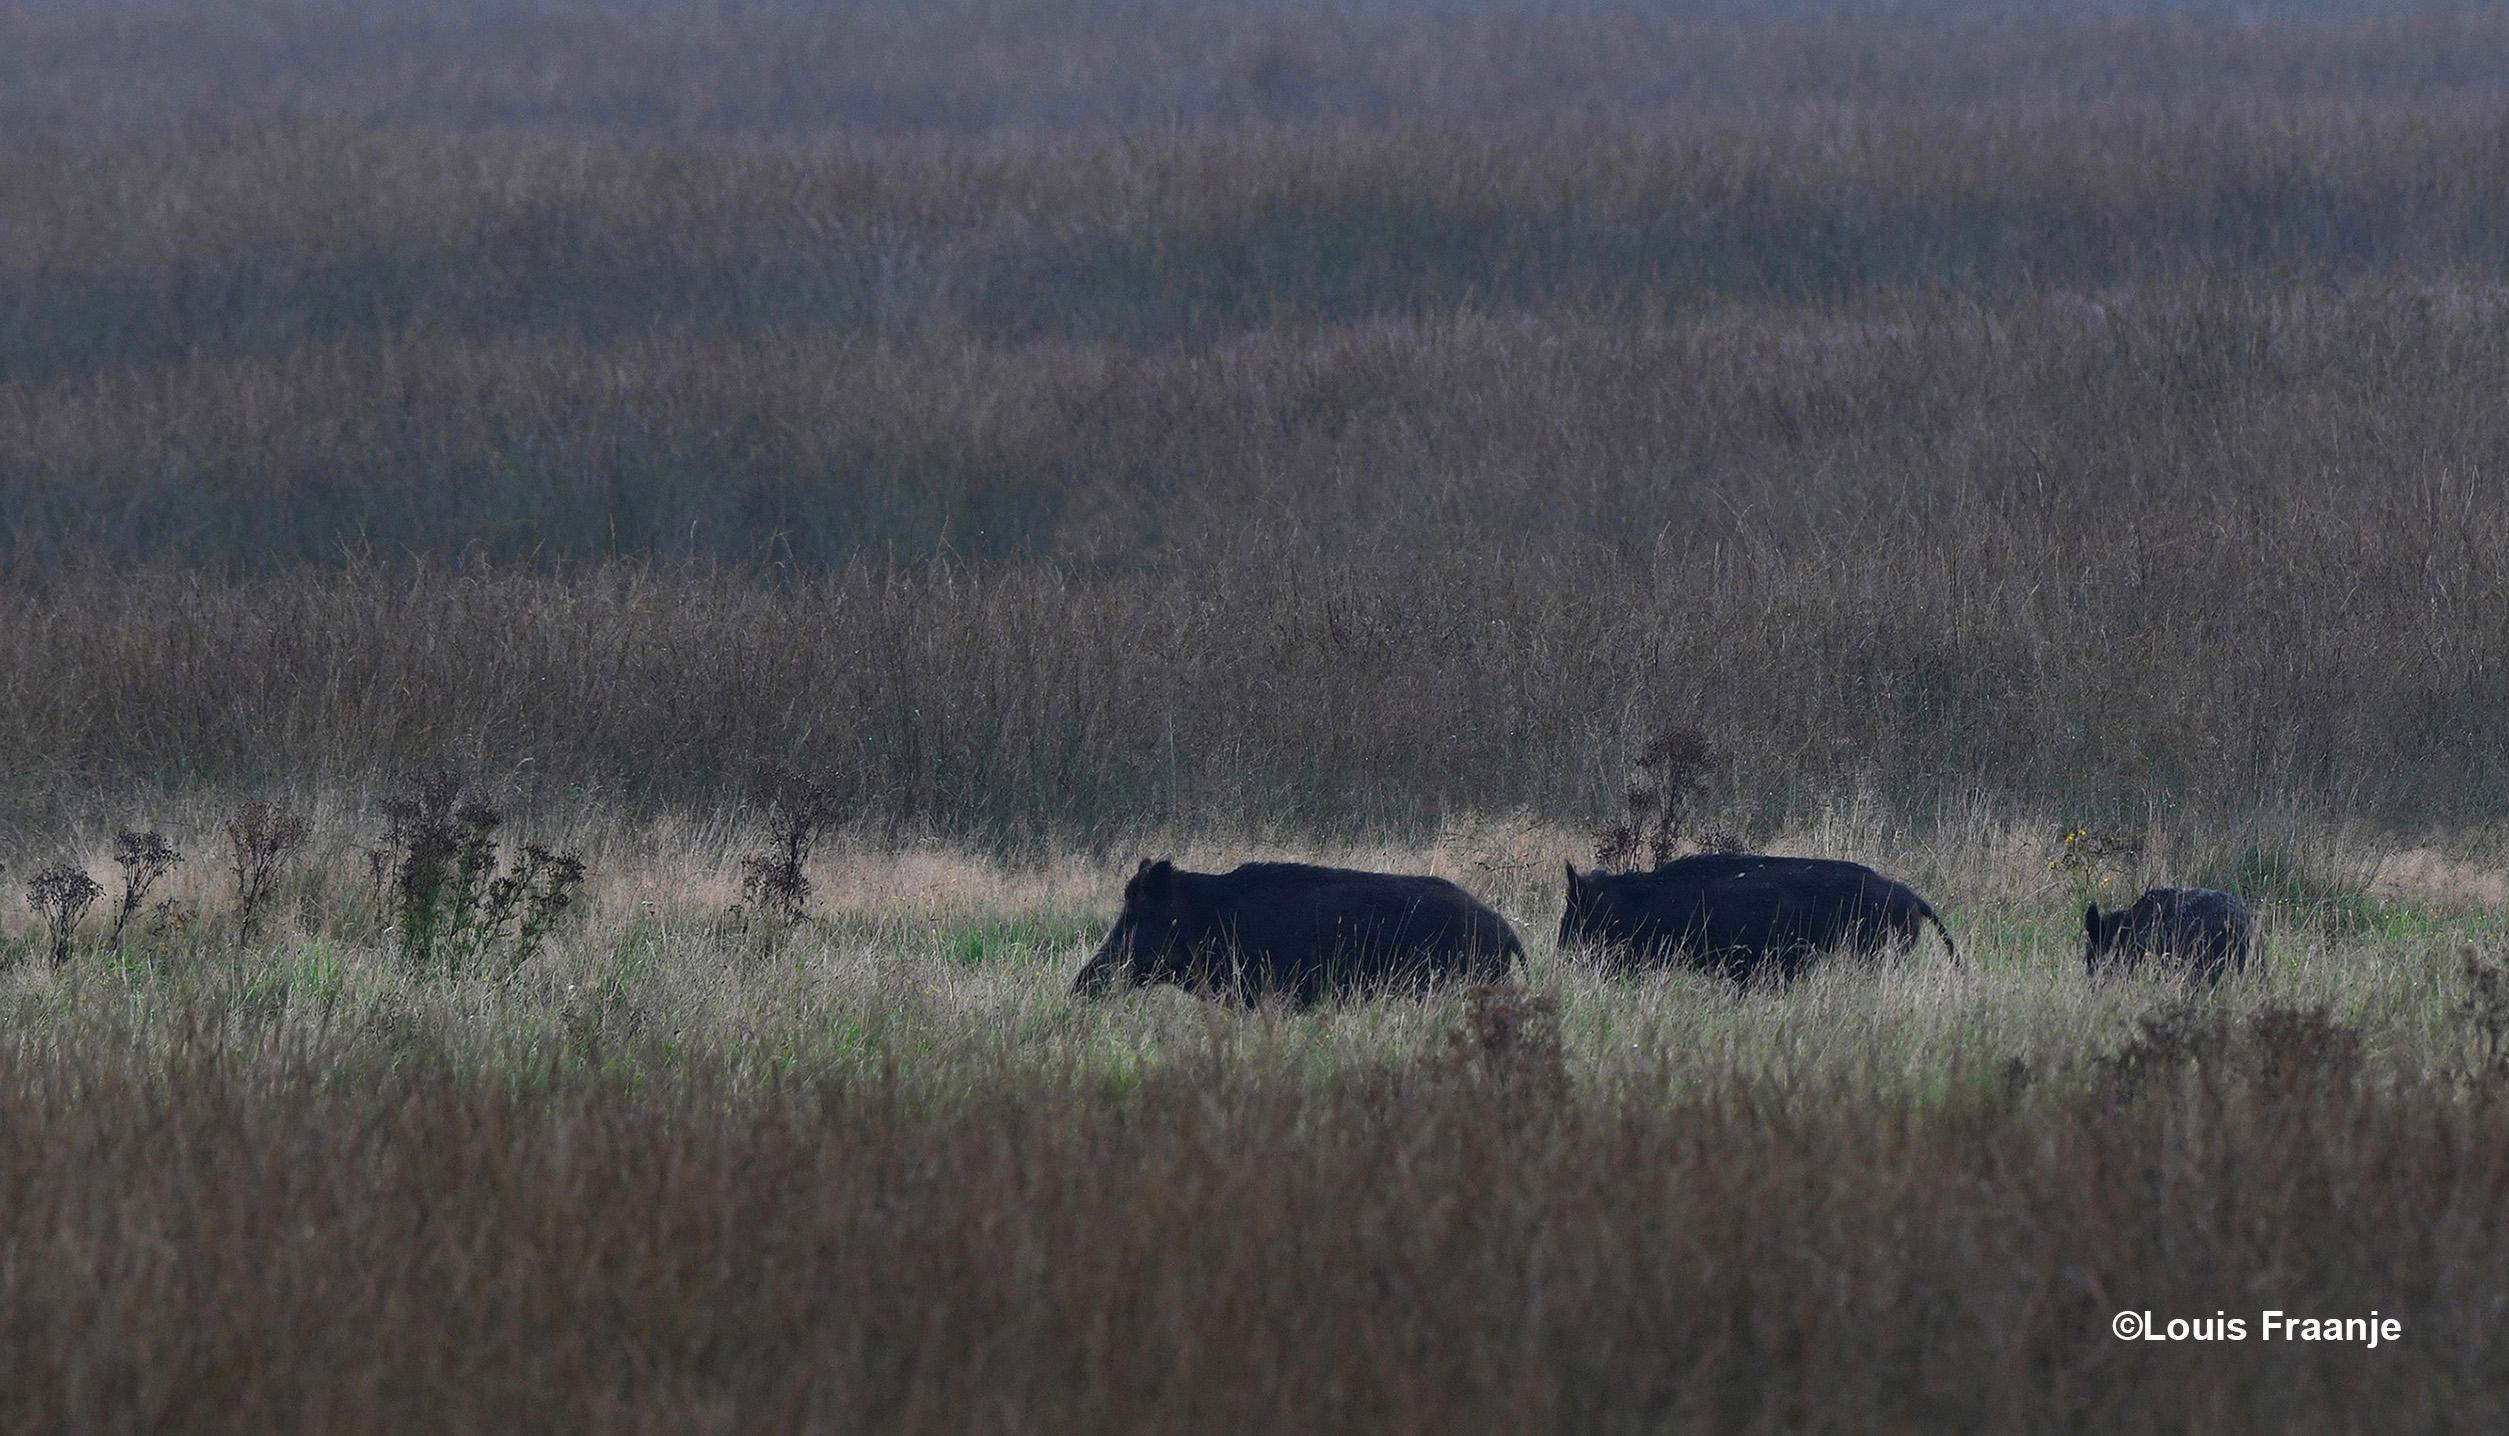 En nog een soortgenoot, met daarachter een overloper - Foto: ©Louis Fraanje